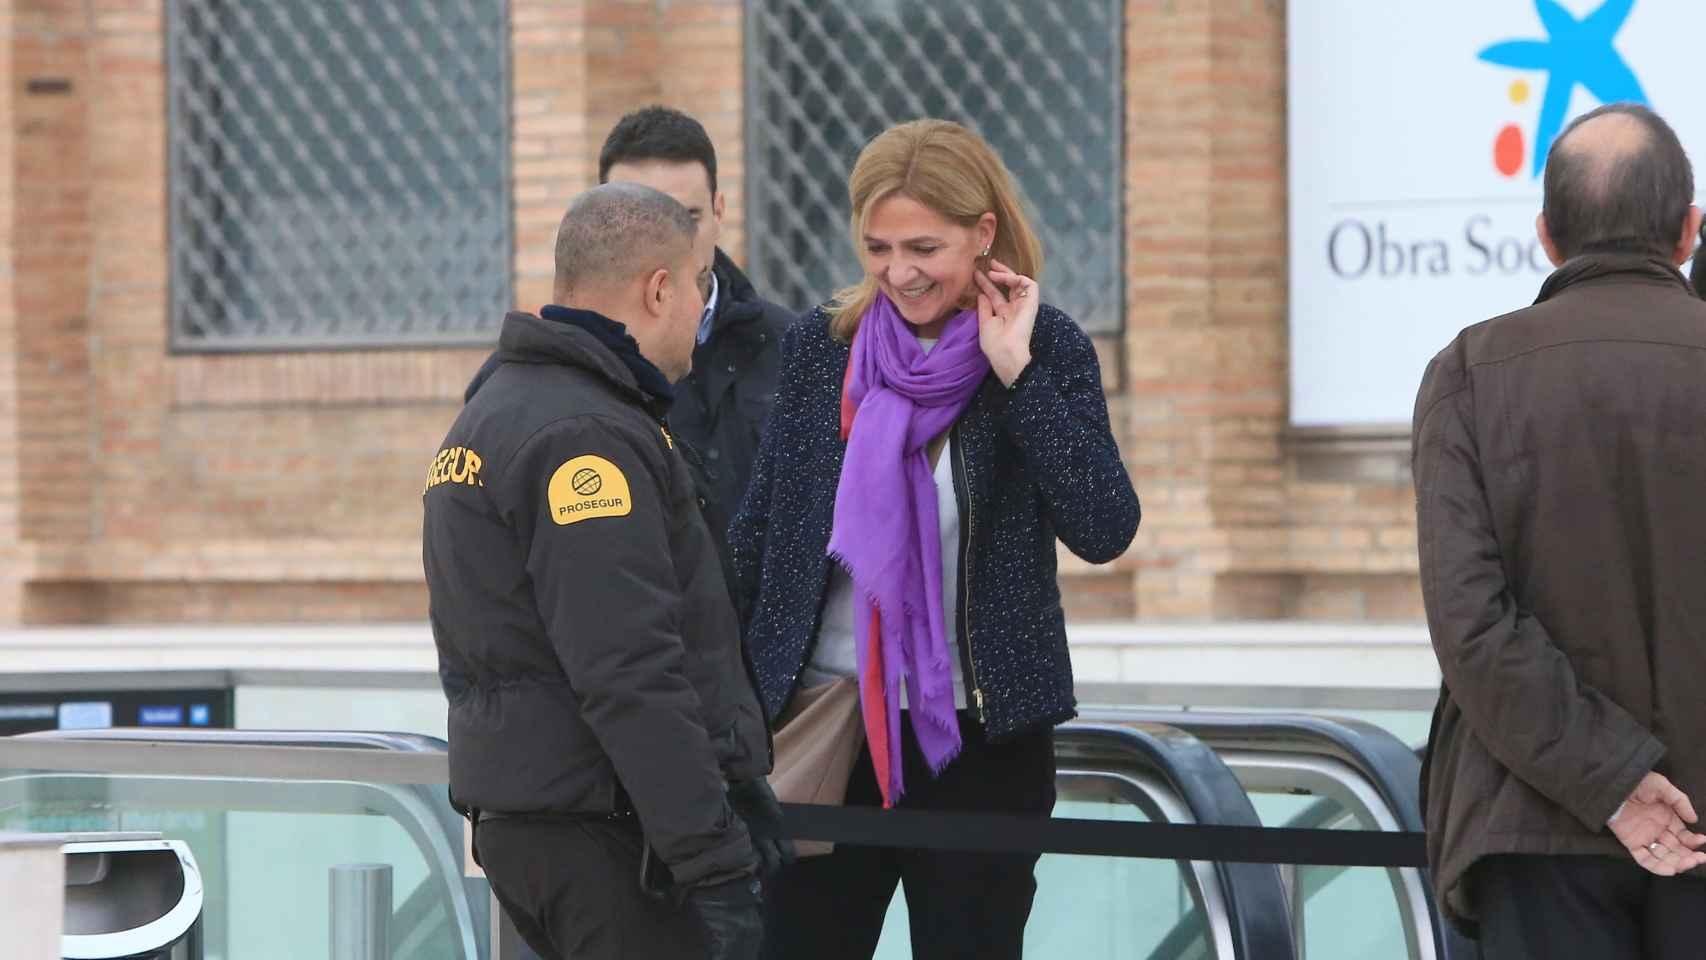 La infanta Cristina en su última visita a Barcelona